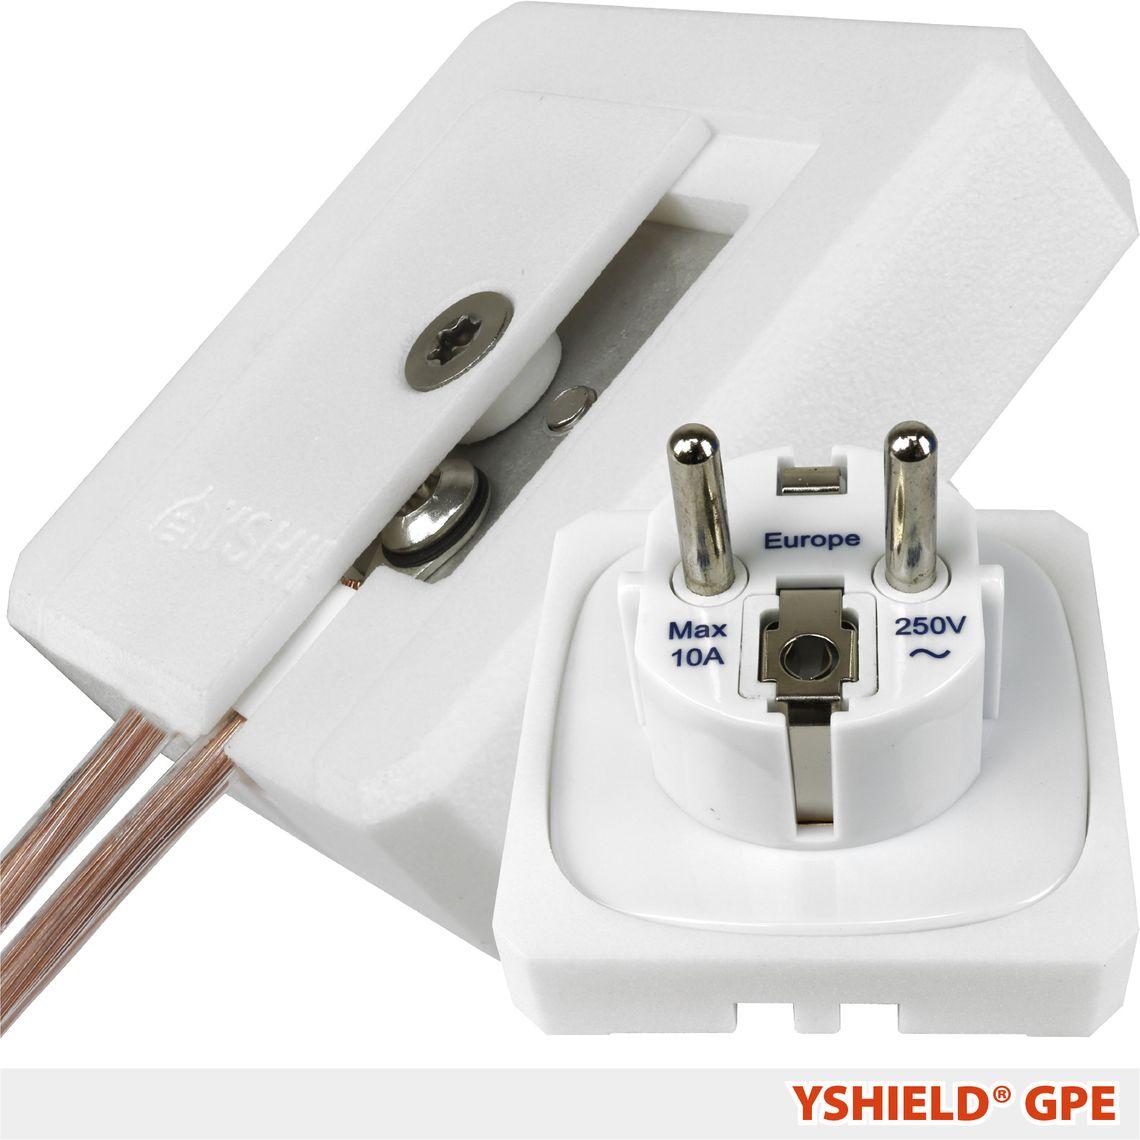 YSHIELD® GPE | Grounding plug EF (CEE 7/7)